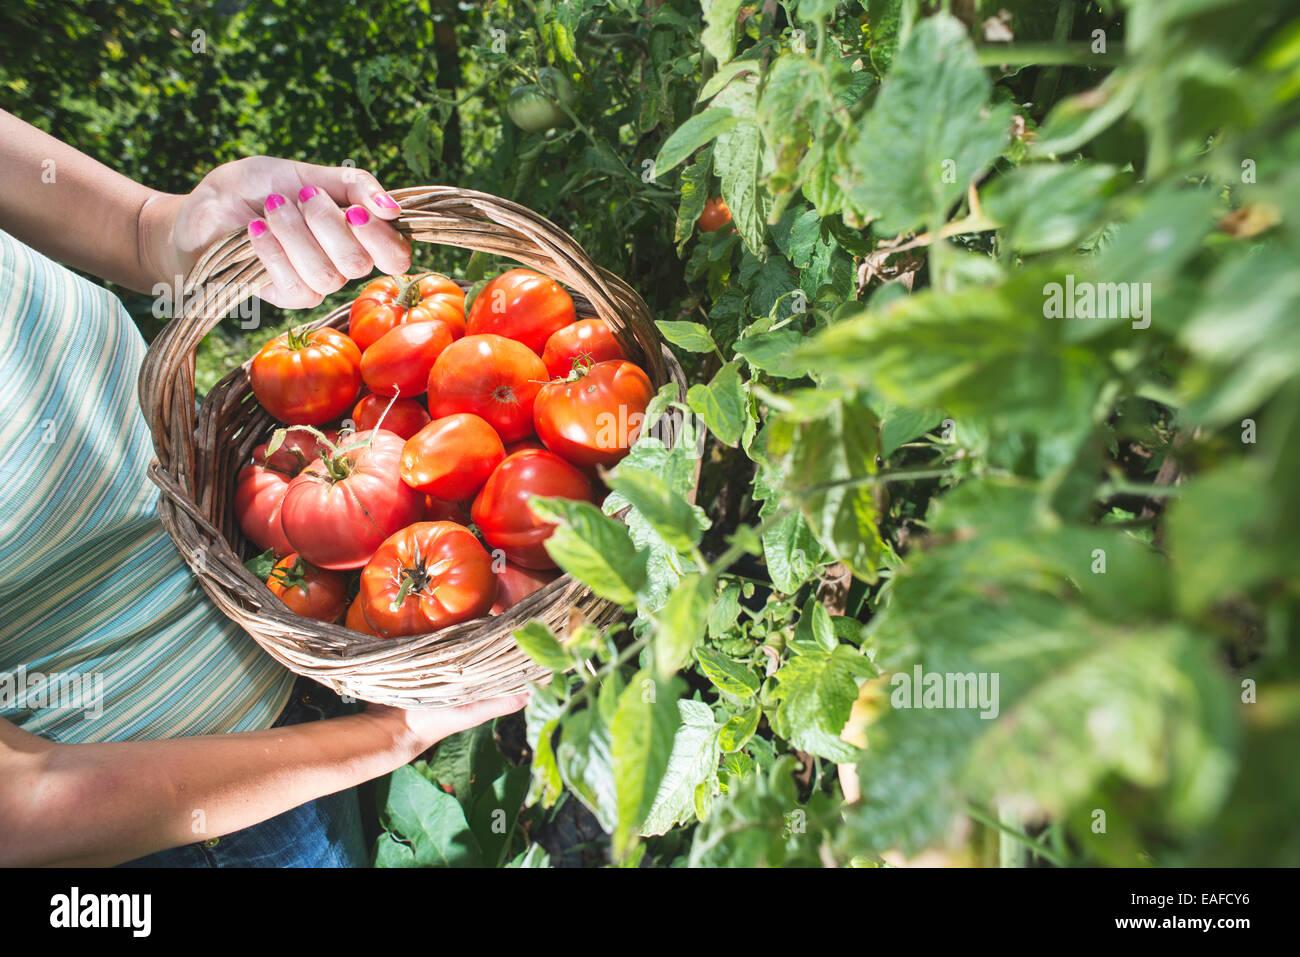 Recogiendo tomates en el canasto. Jardín privado Imagen De Stock